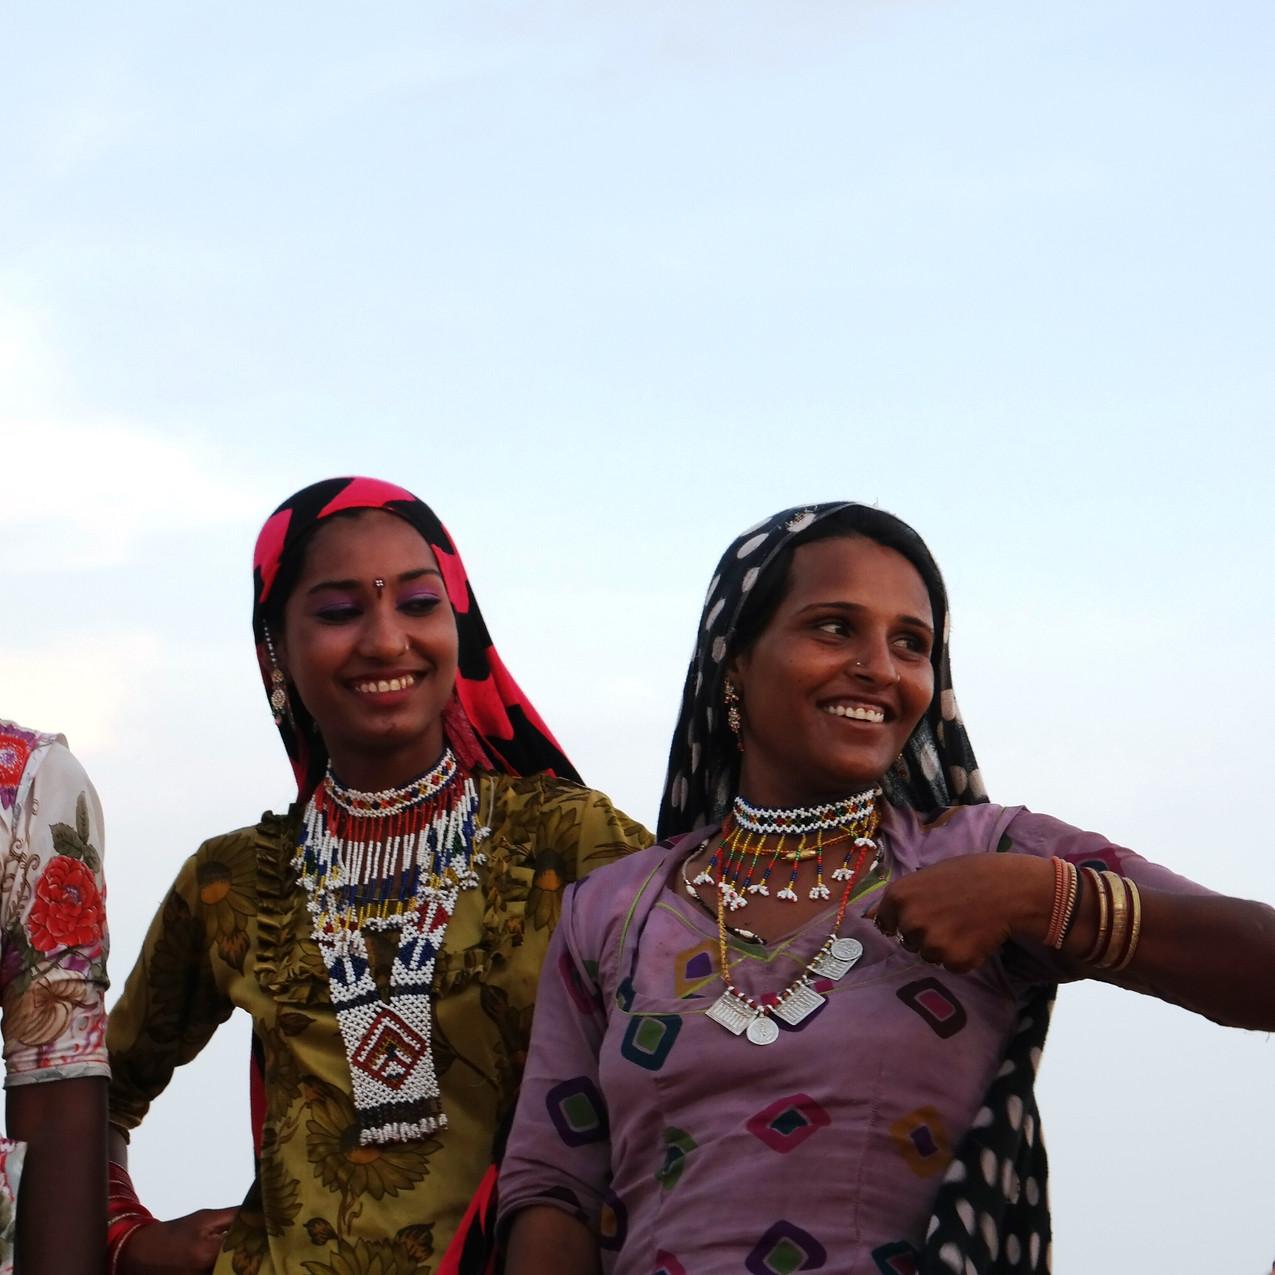 Thar Desert Festival 2016